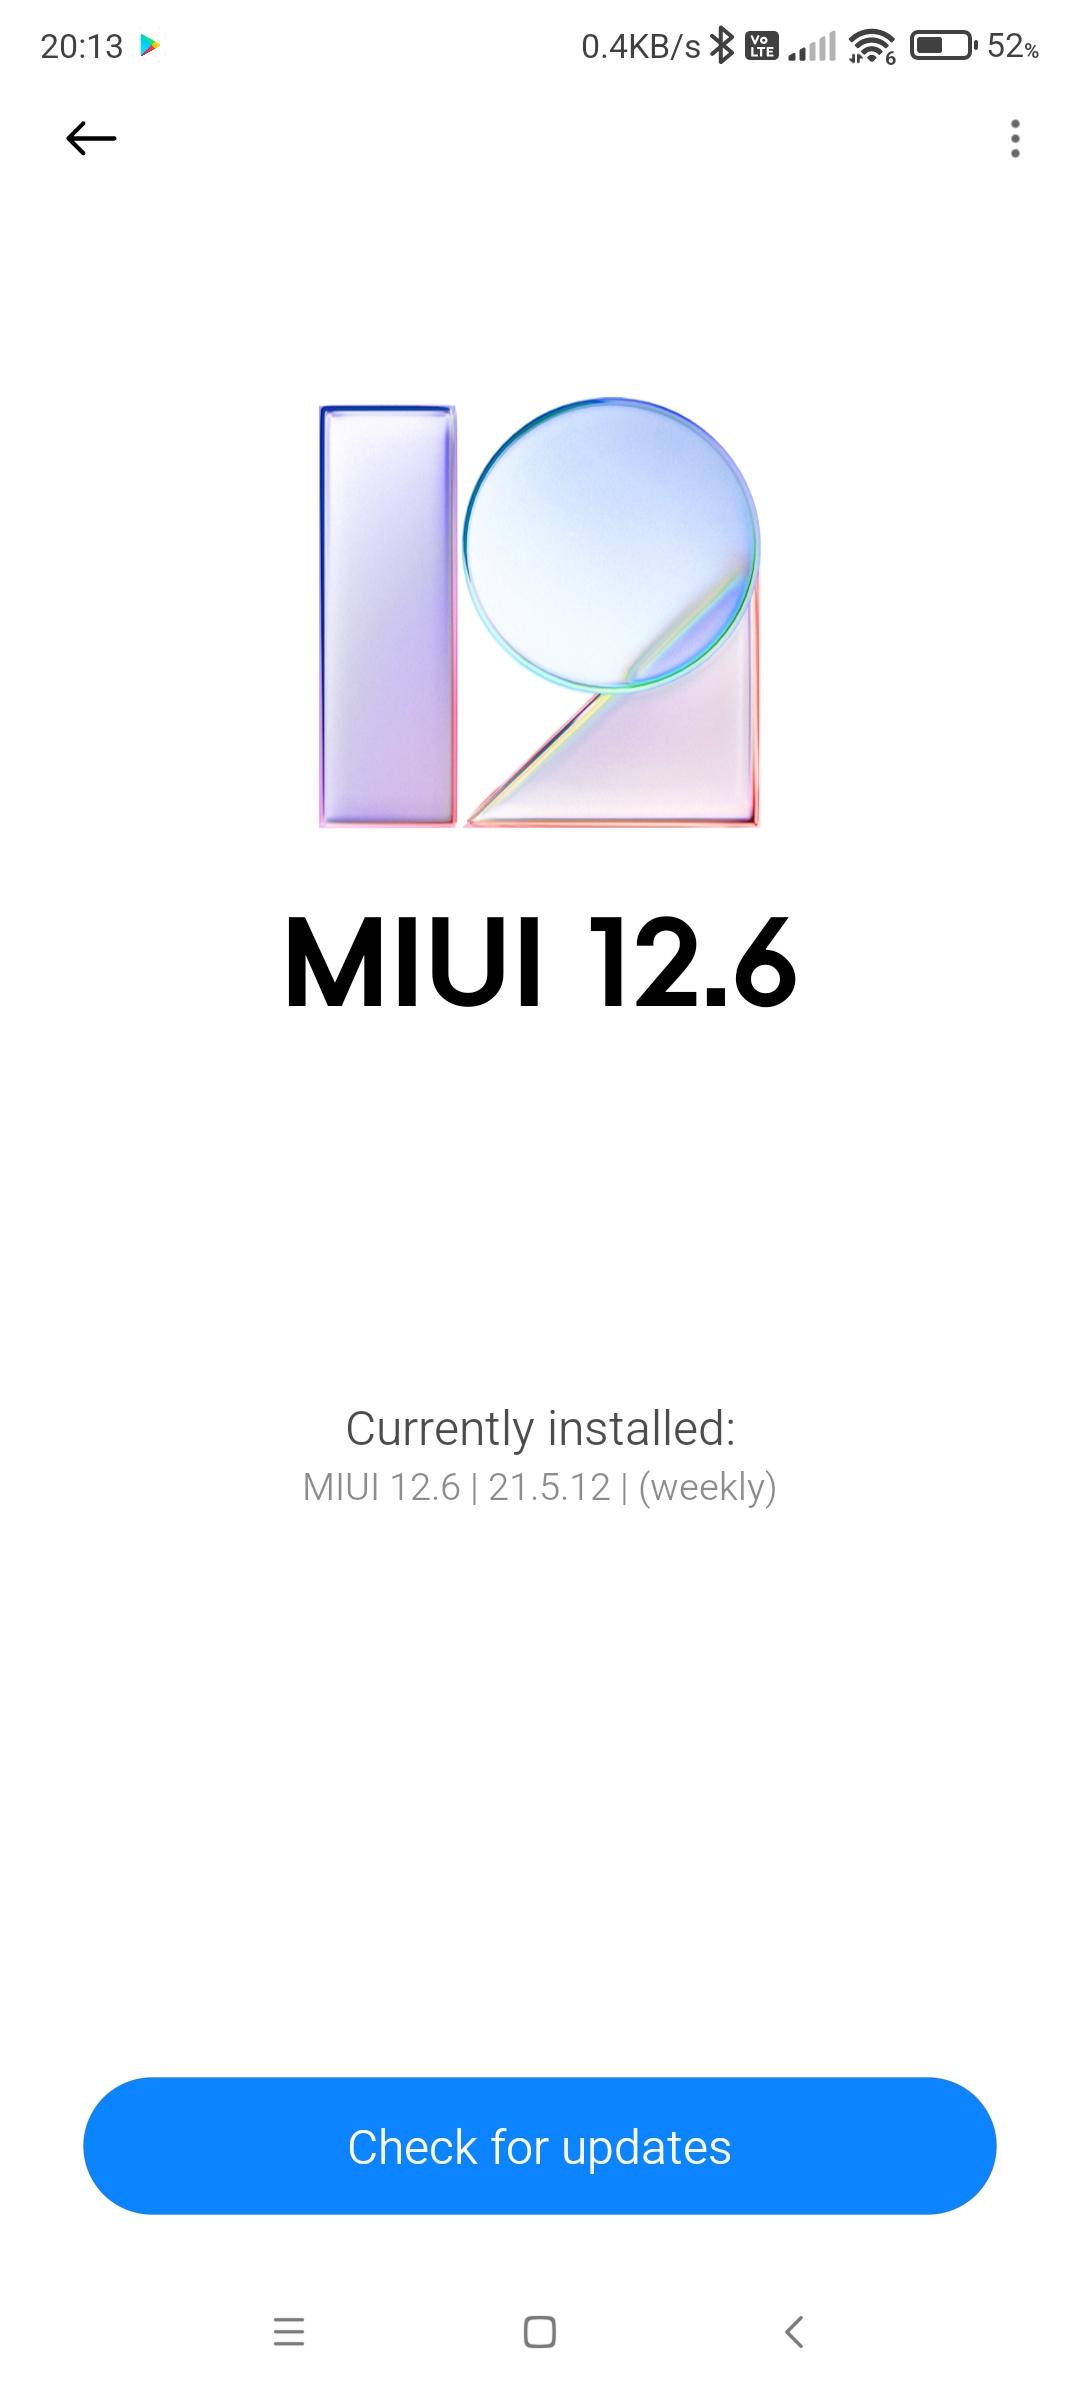 Screenshot_2021-05-20-20-13-17-314_com.android.updater.jpg